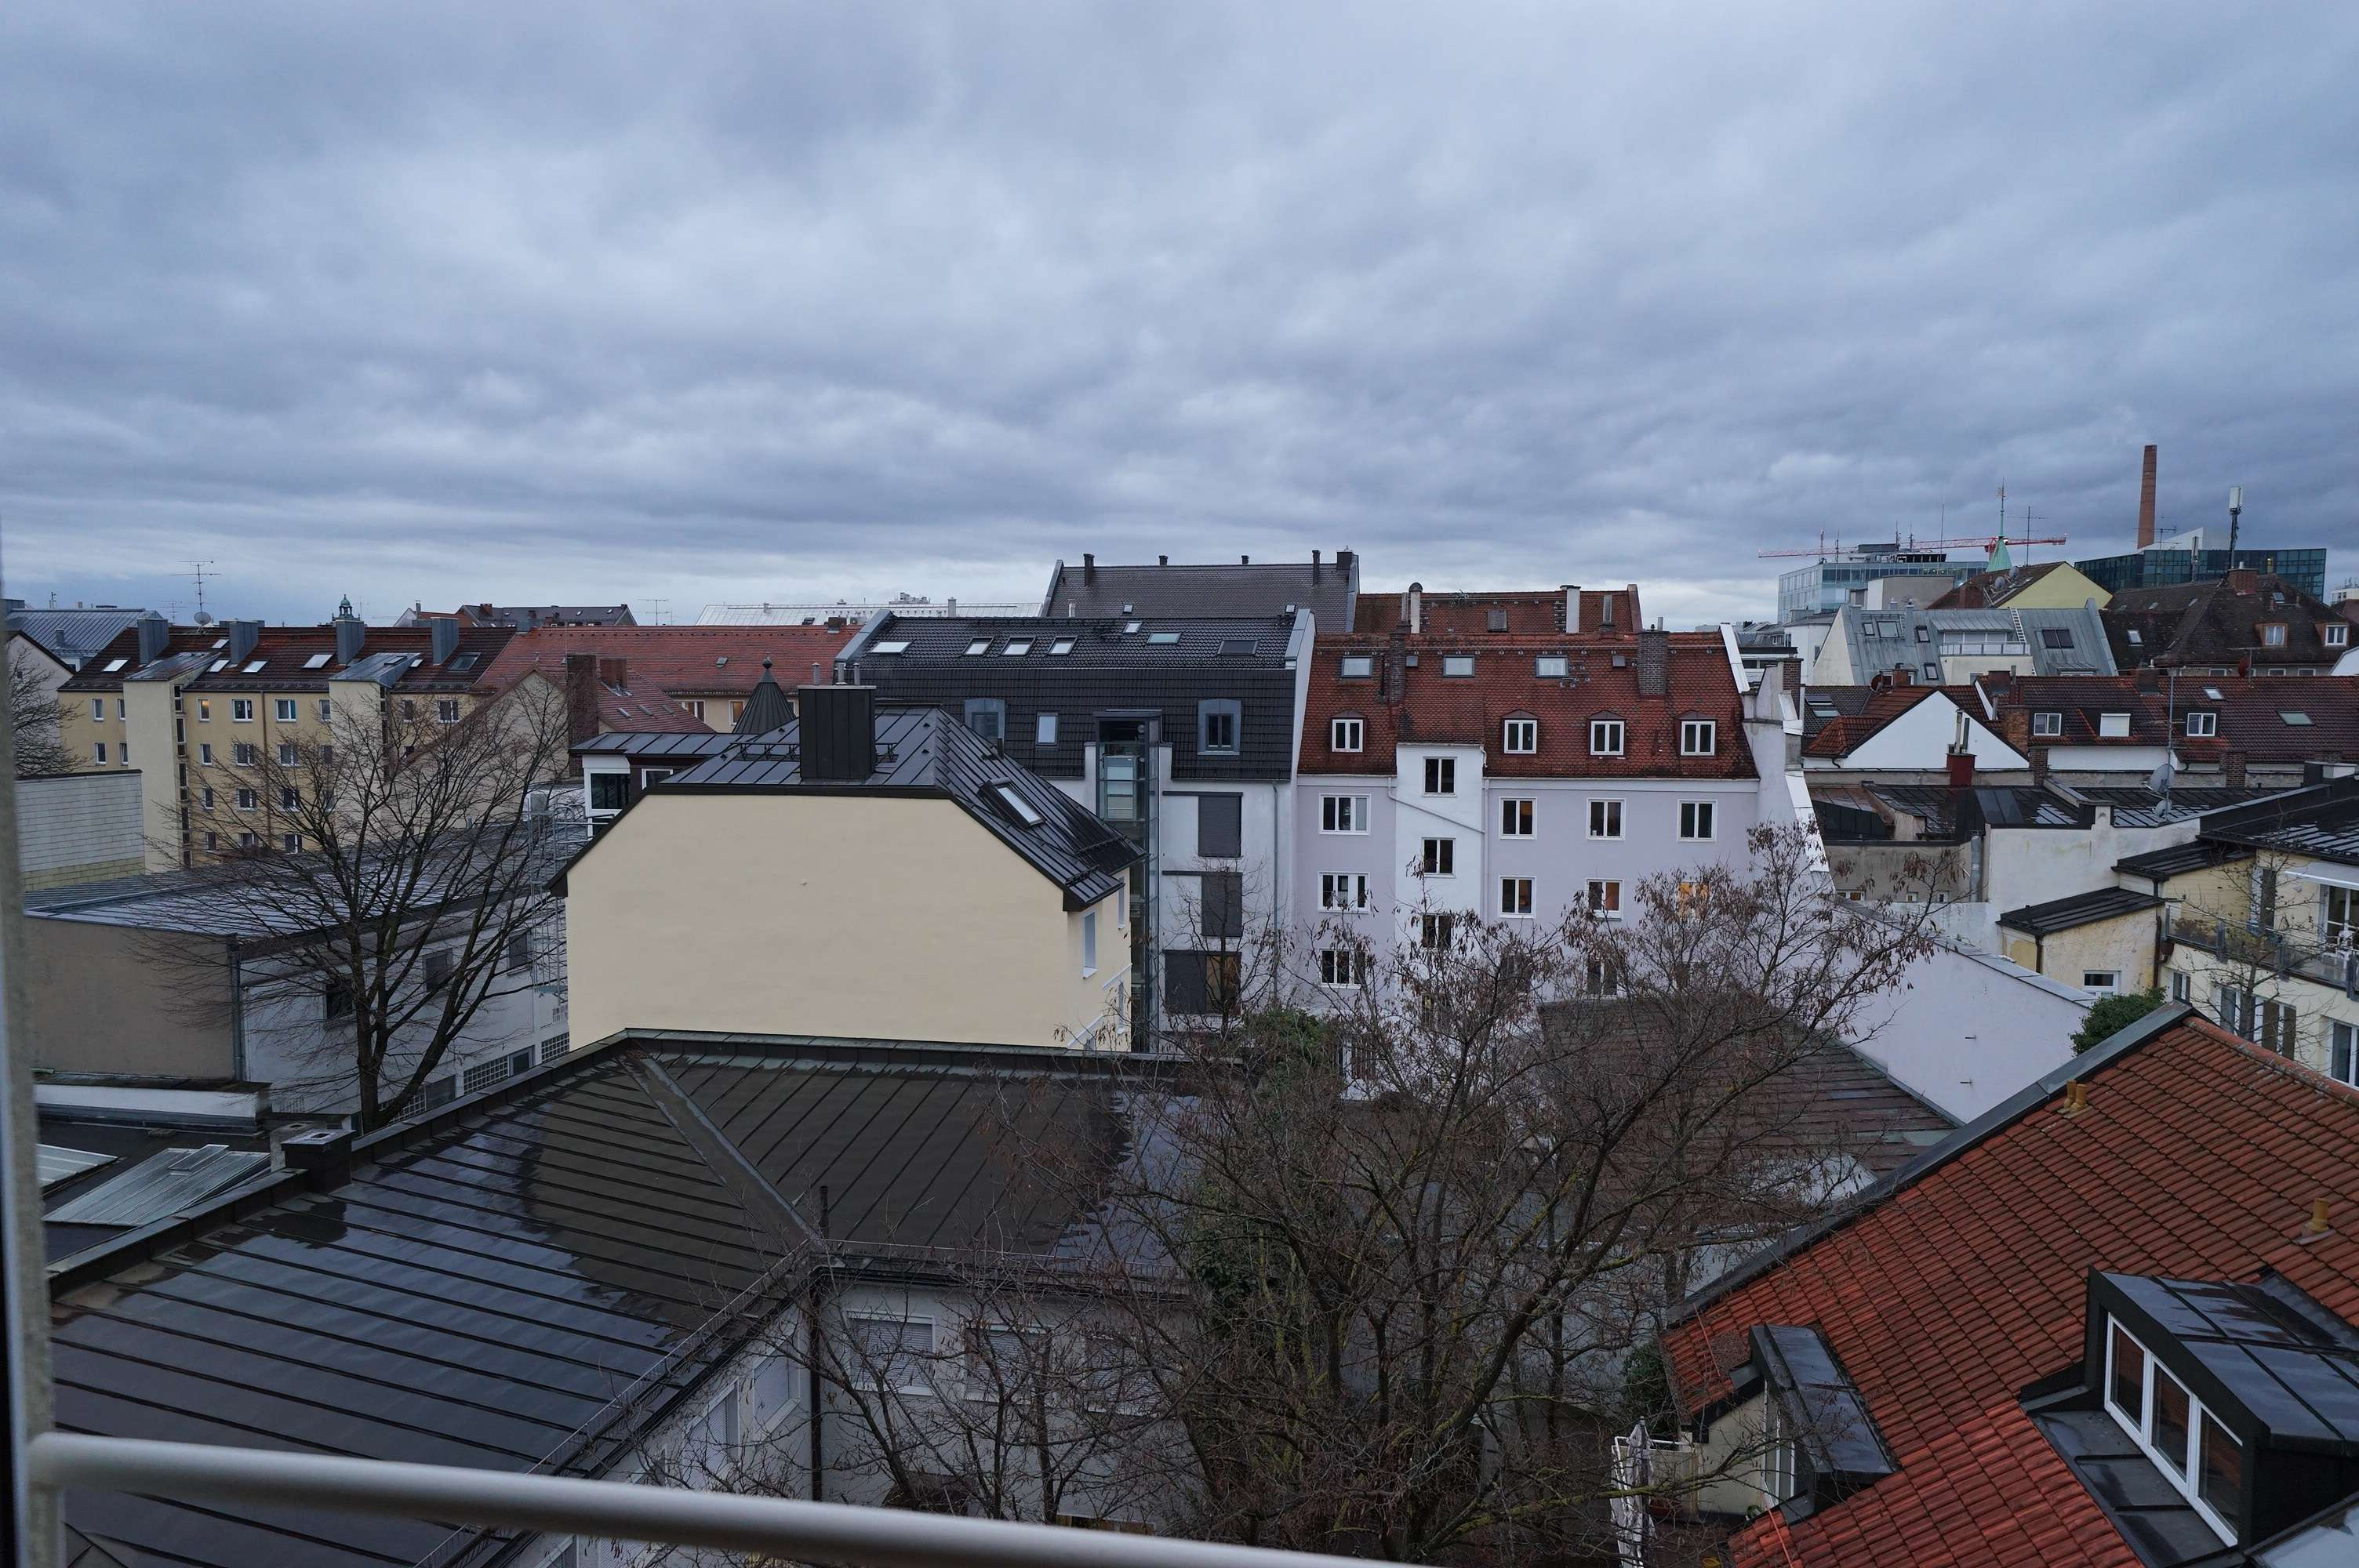 Prov.-frei!! Schöne und helle 2-Z-Wohnung Zentrumsnähe Besicht.-TERMIN 26.2.17 Uhr und 29.2.10 Uhr! in Maxvorstadt (München)